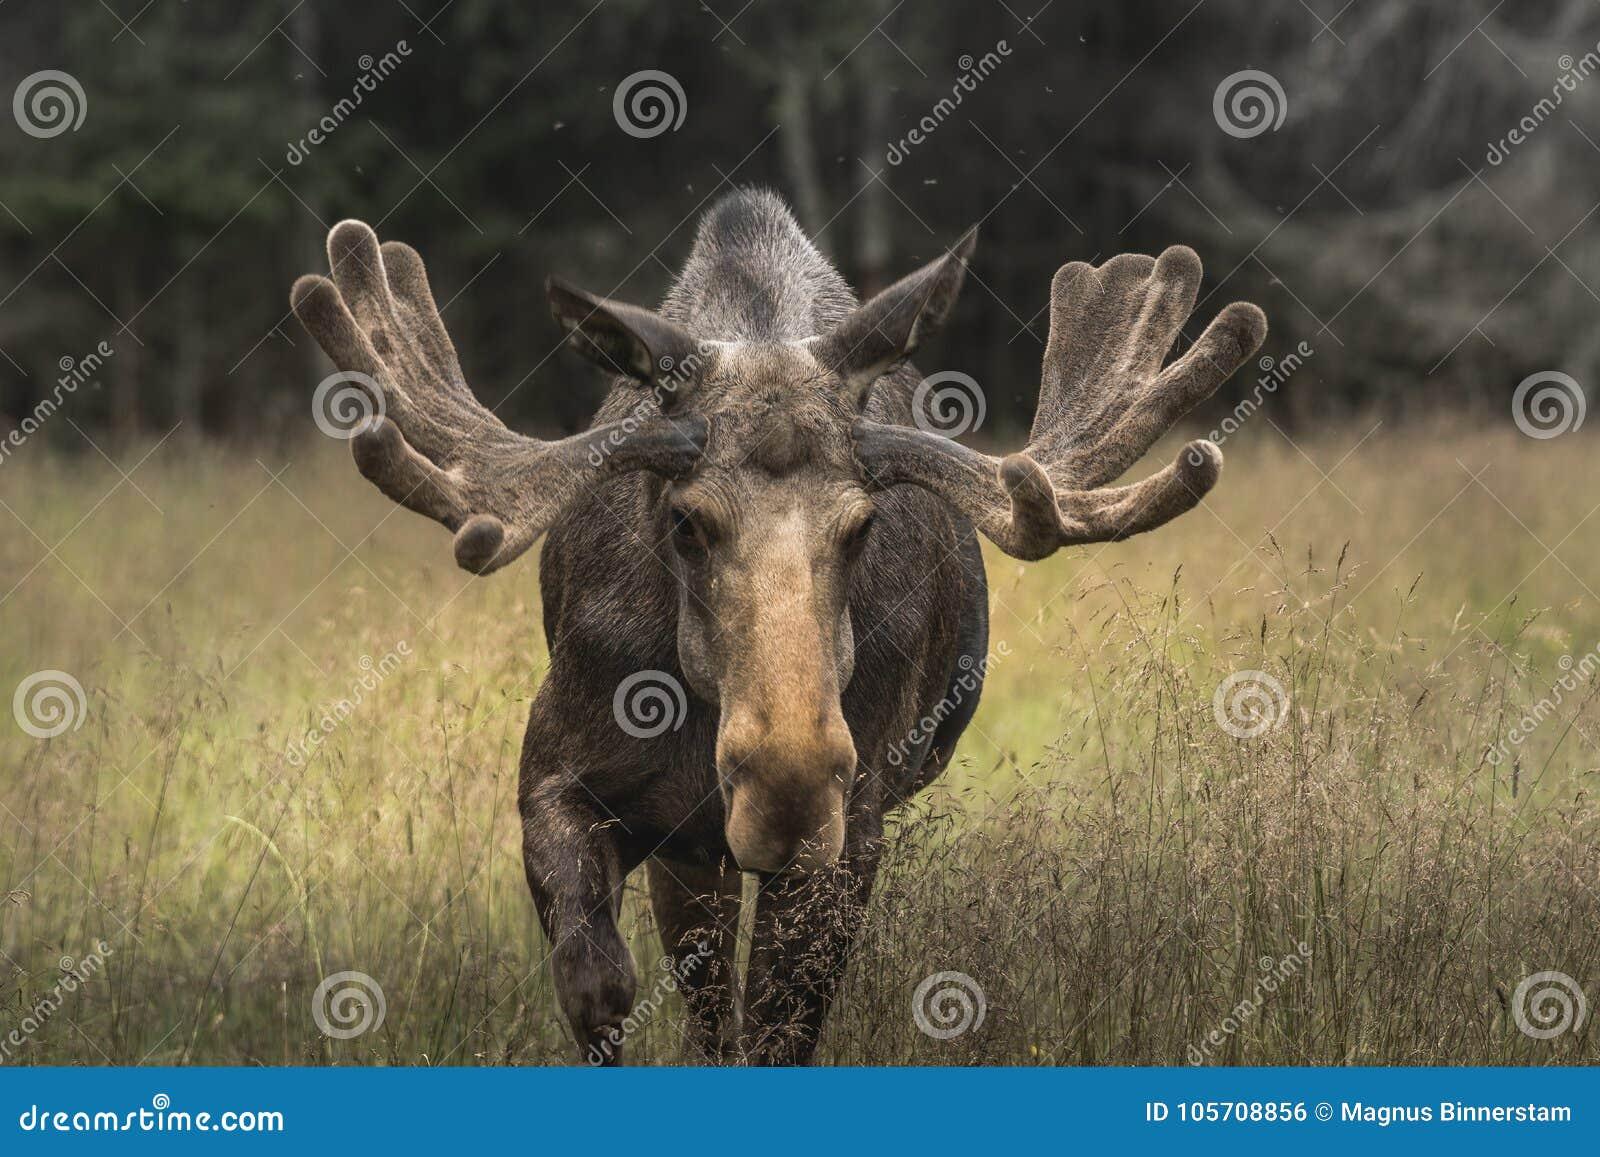 Very large male moose buck walking on a grass field in Sweden